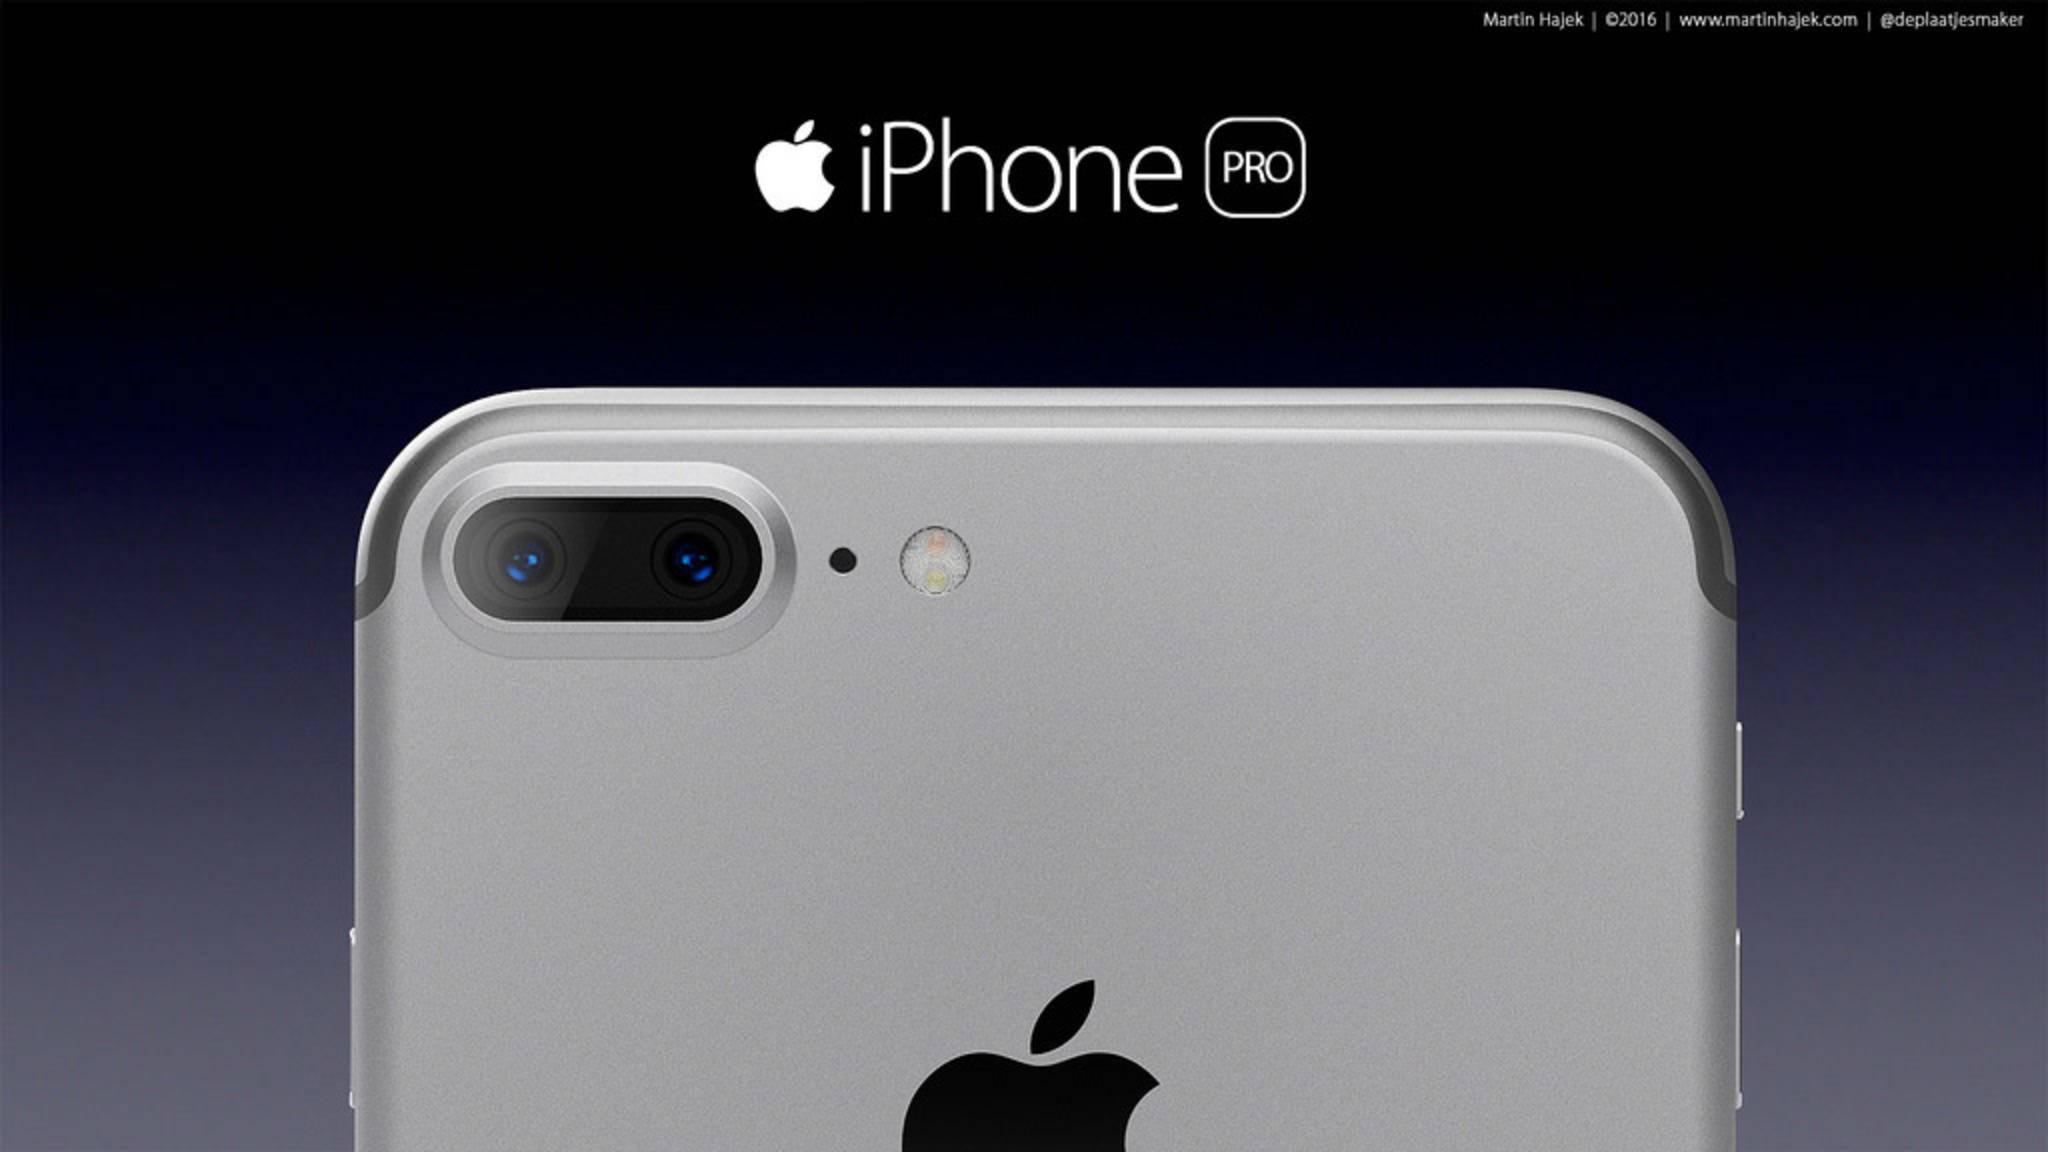 Kommt nach MacBook Pro und iPad Pro jetzt das iPhone Pro?